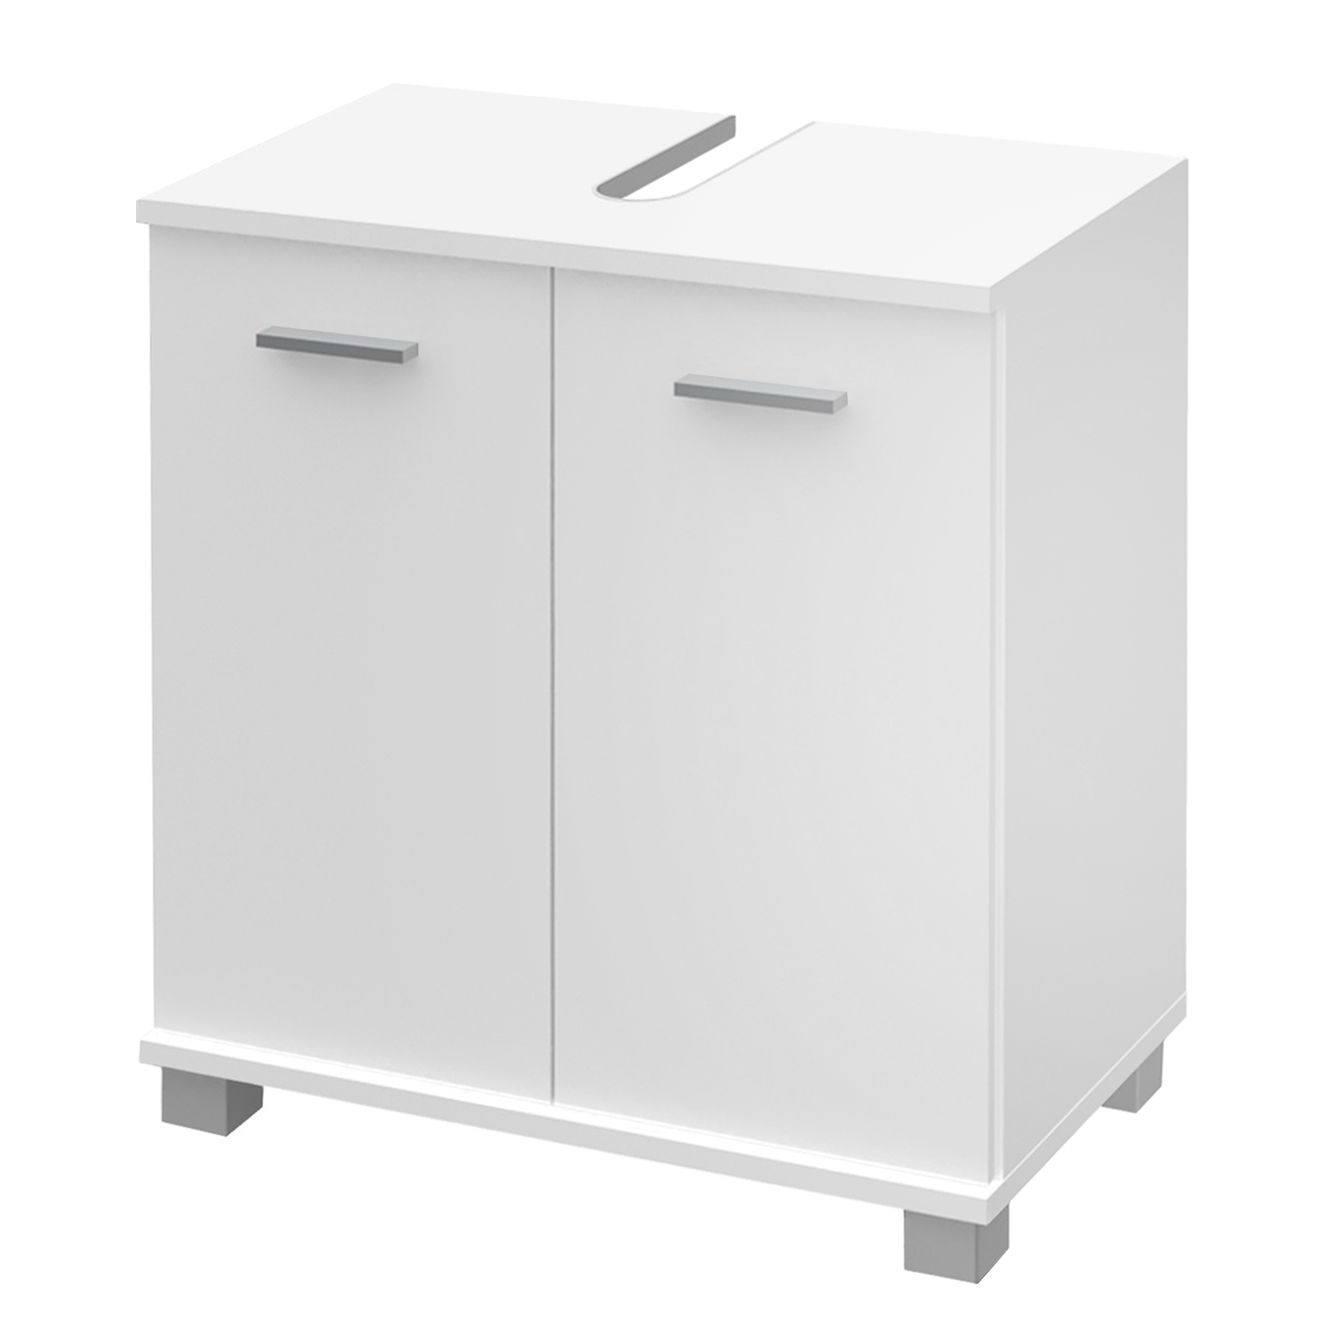 Schildmeyer meuble sous lavao granby prix et meilleures for Meuble granby